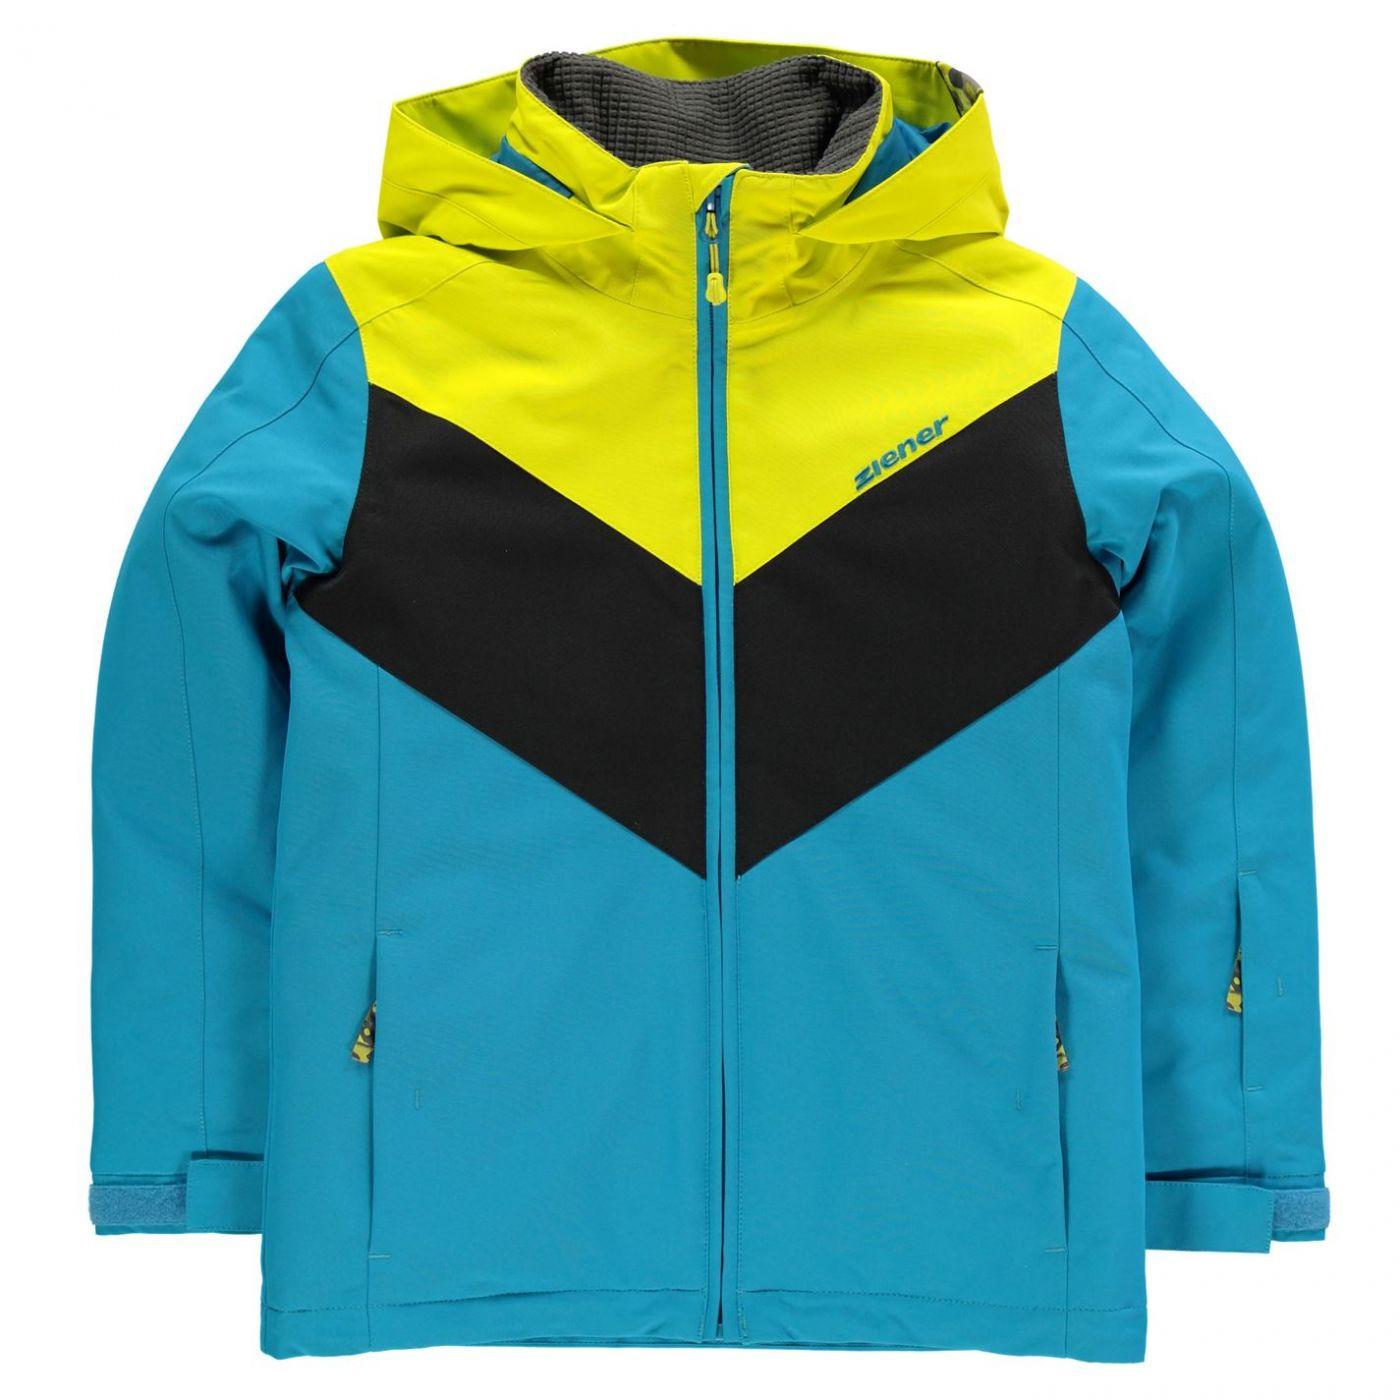 Ziener Arendt Ski Jacket Junior Boys